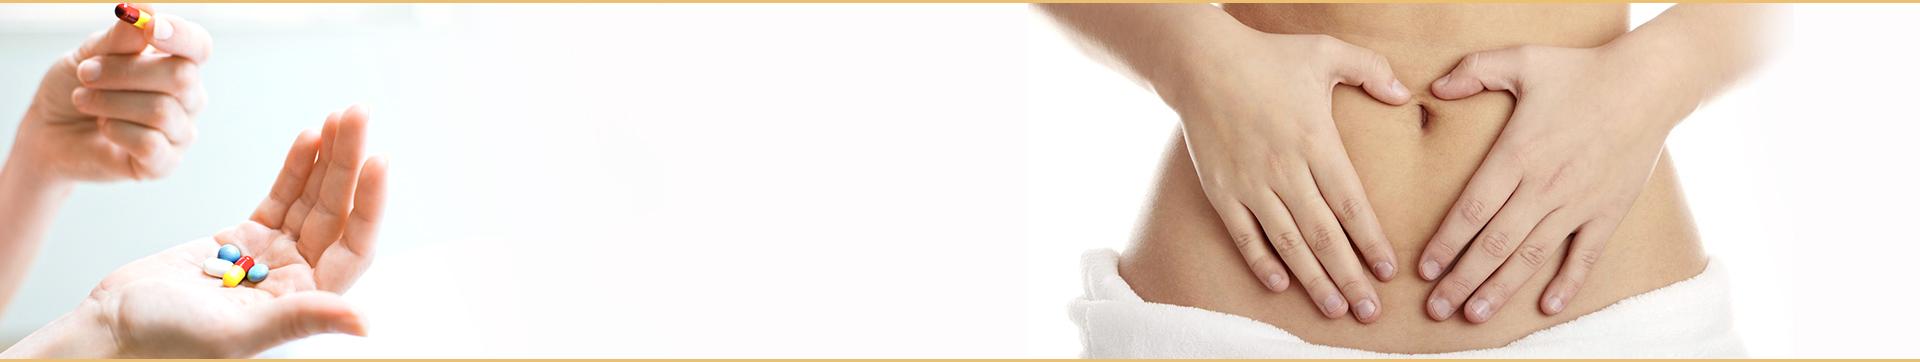 Миома матки и восточная медицина полимеры применения медицина